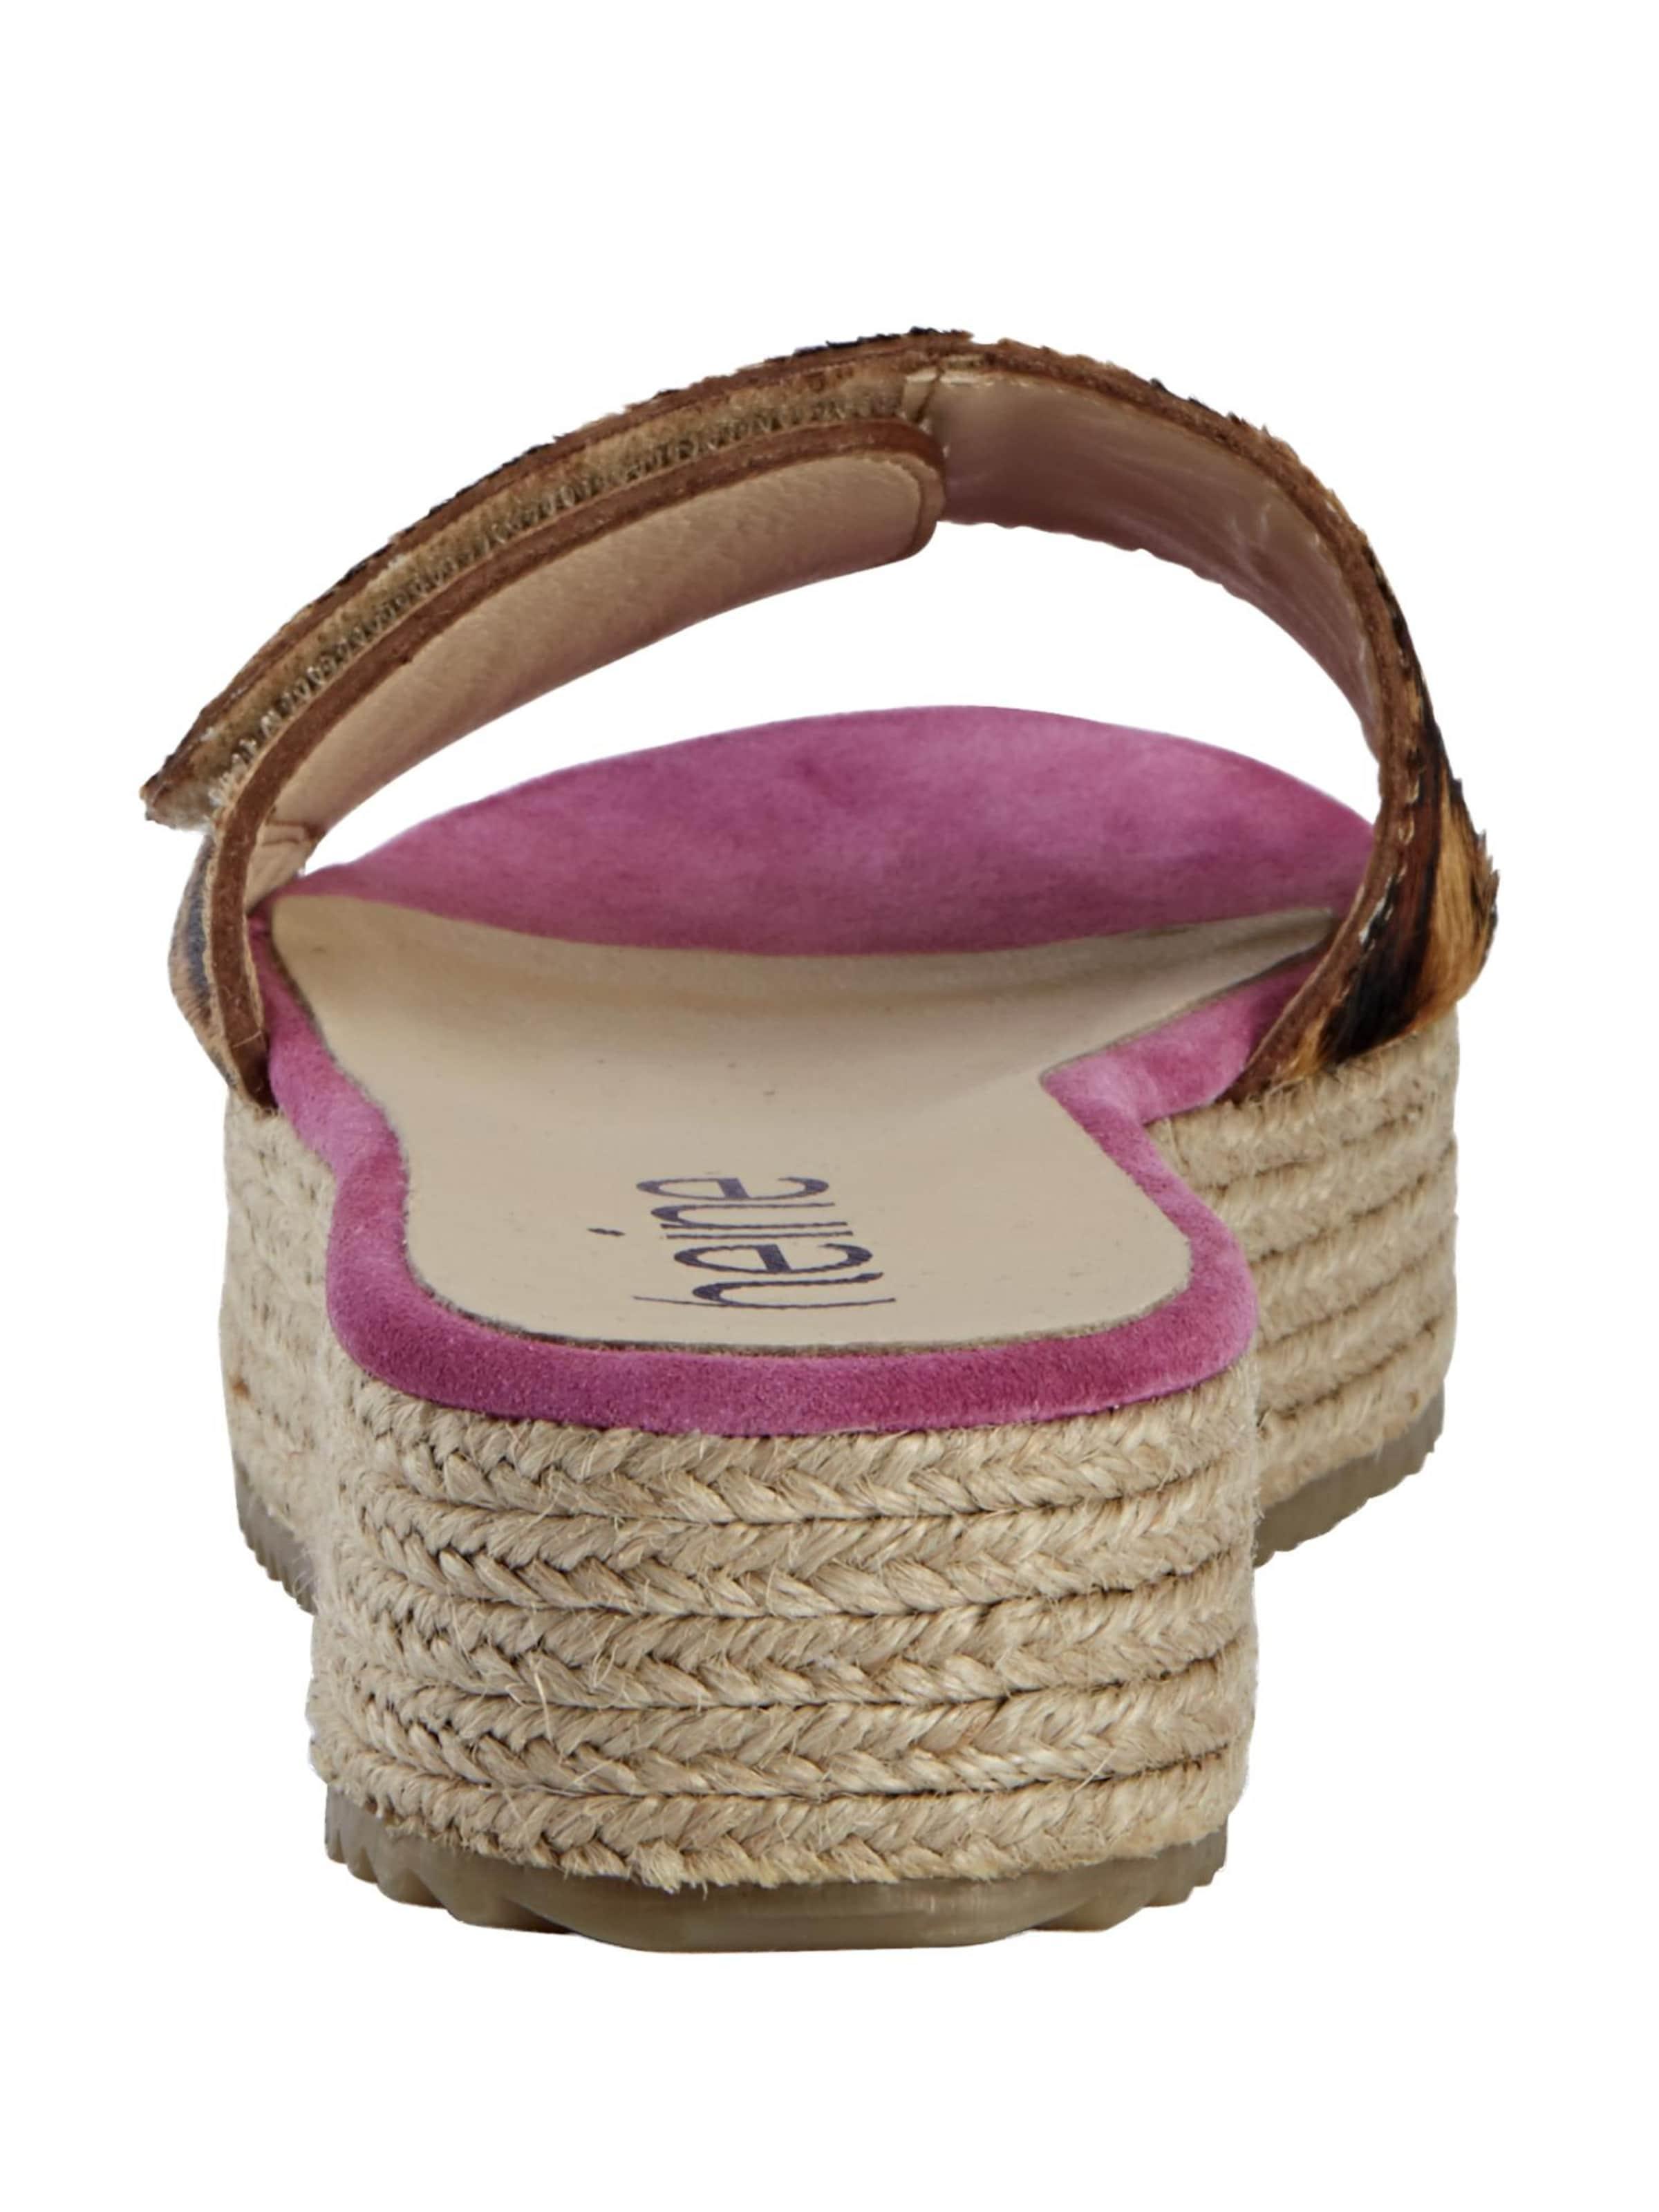 Klettverschluss Weitenregulierung Pink In Mit Pantolette Heine Zur IbeY2HEWD9